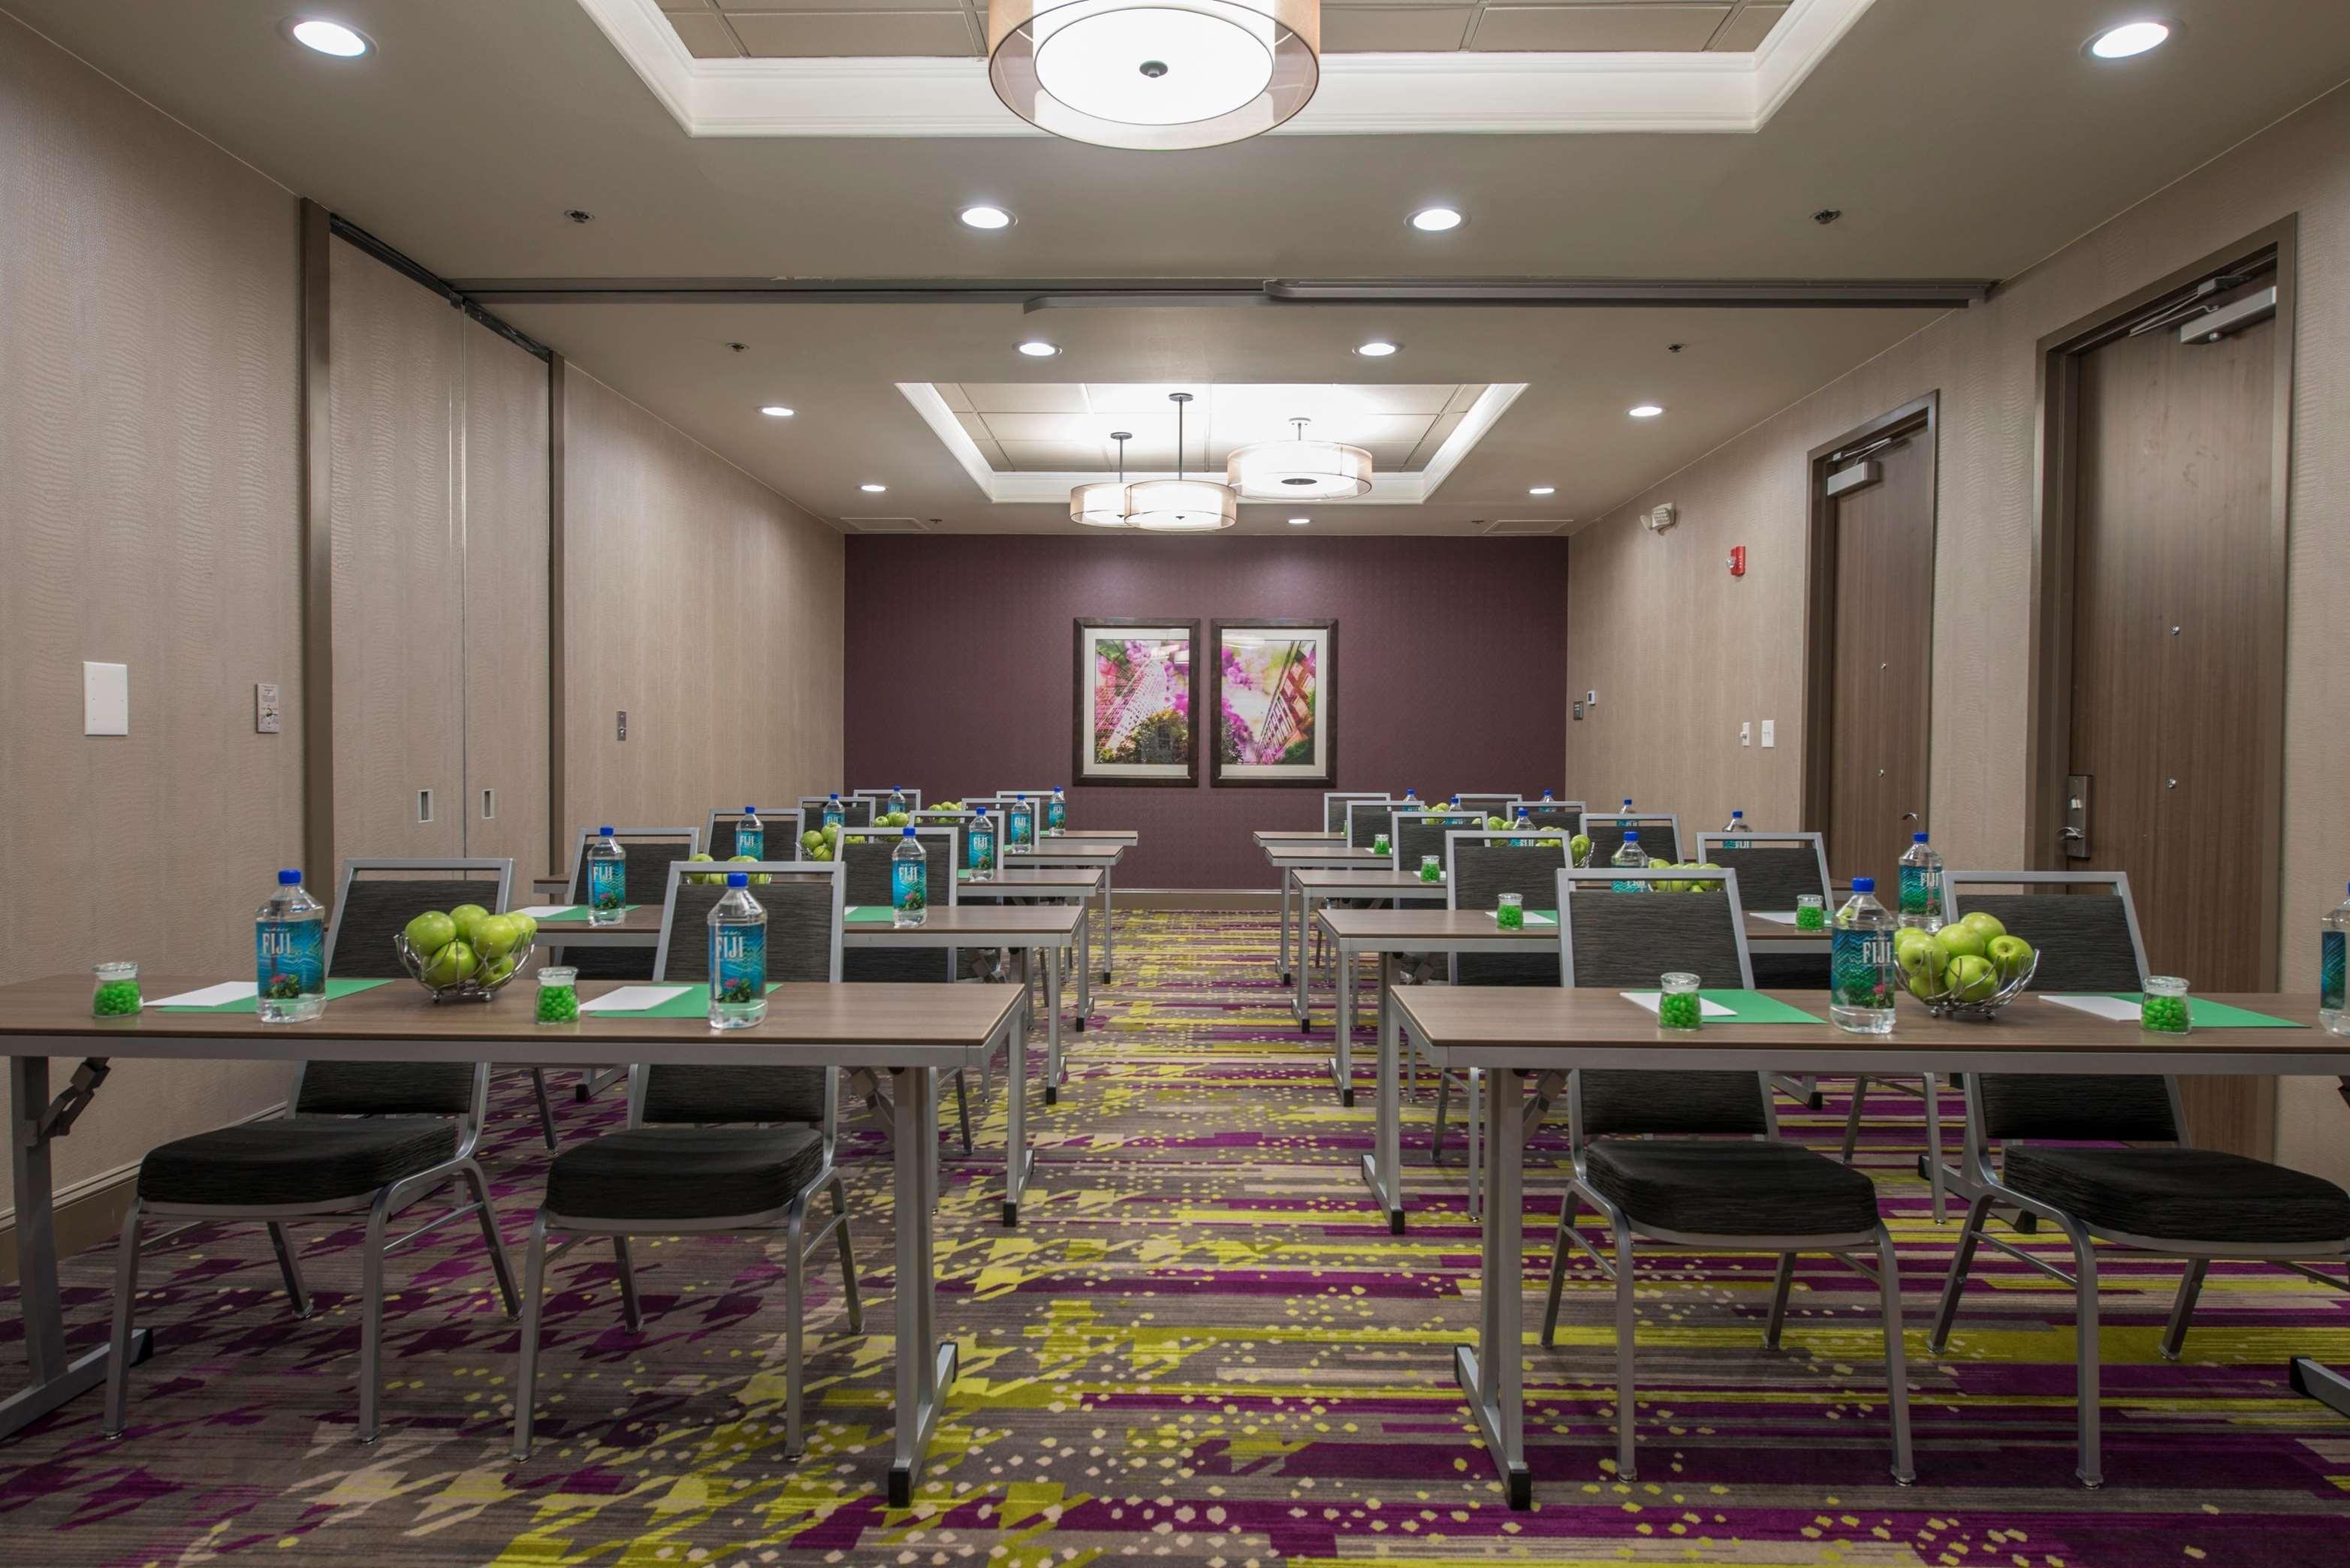 DoubleTree by Hilton Hotel Winston Salem - University image 2